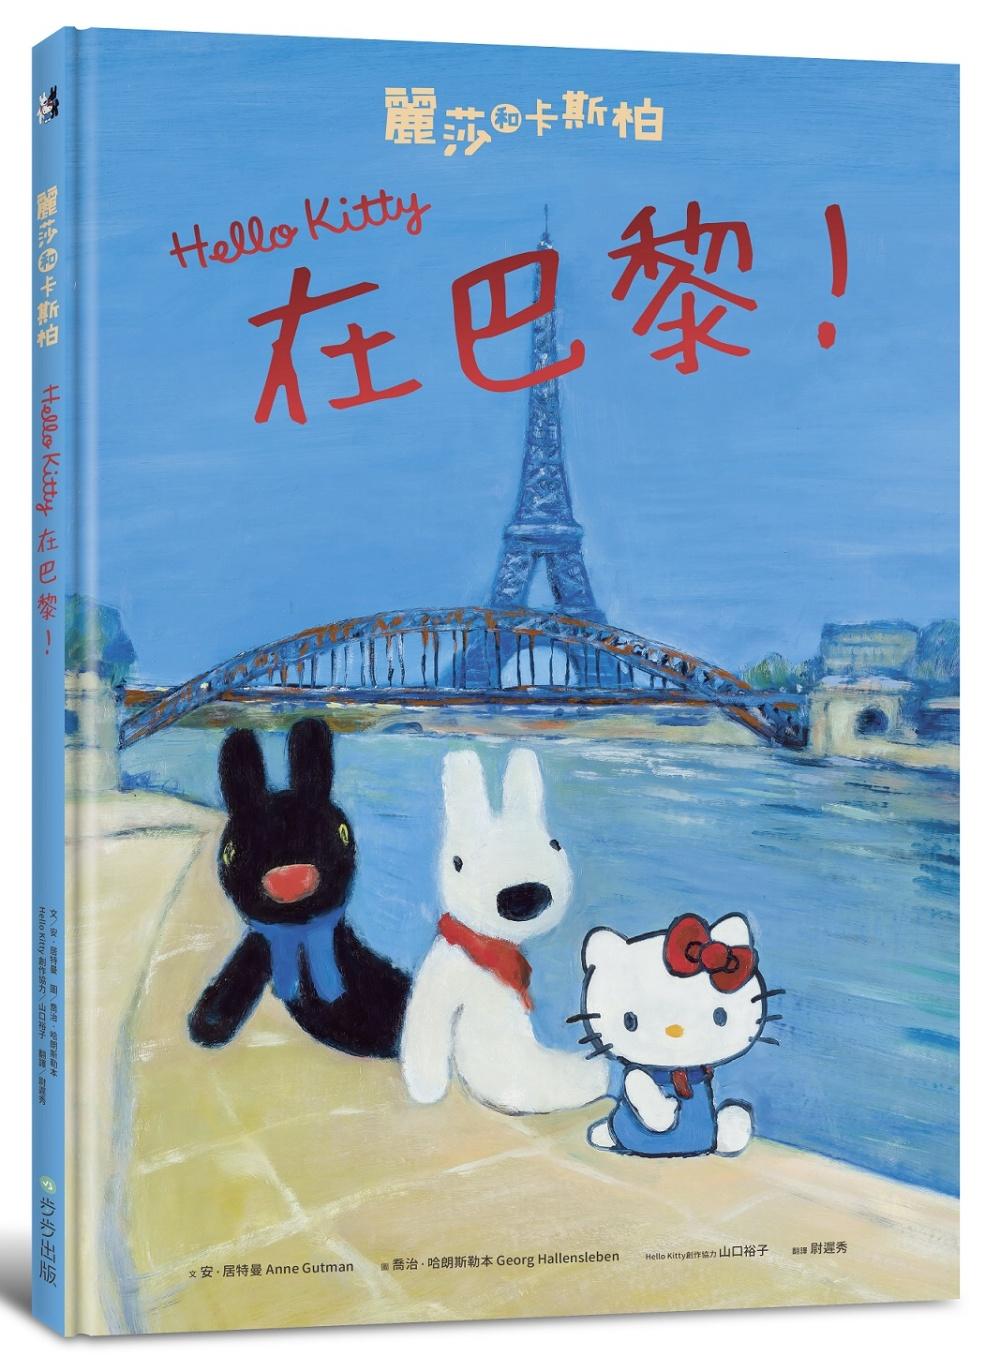 麗莎和卡斯柏:Hello Kitty在巴黎!